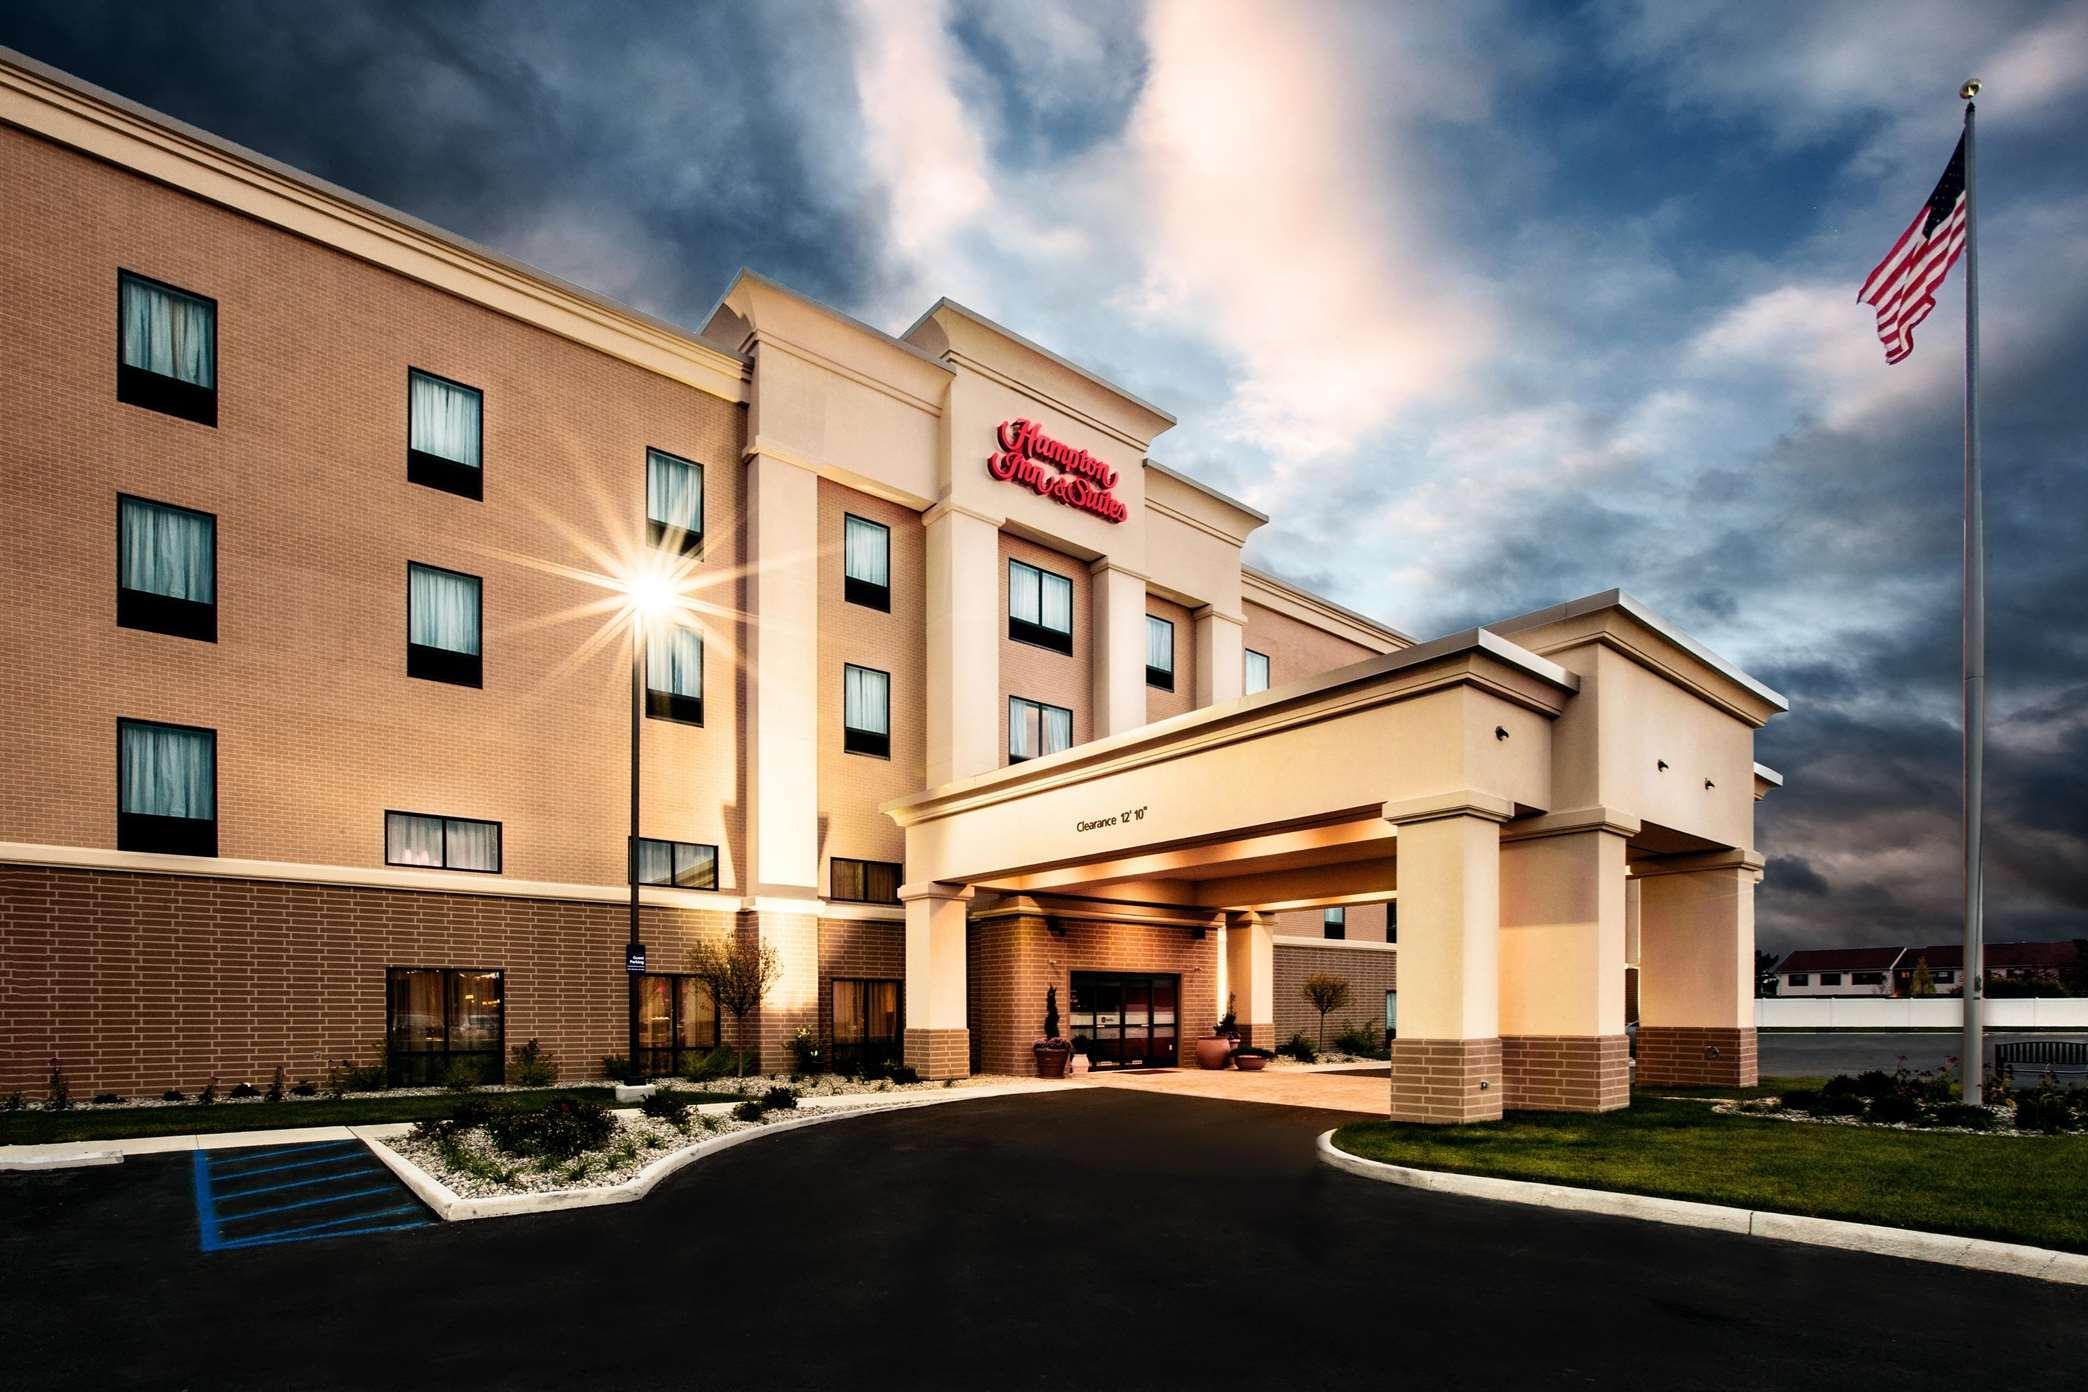 Hampton Inn & Suites Toledo/Westgate image 0